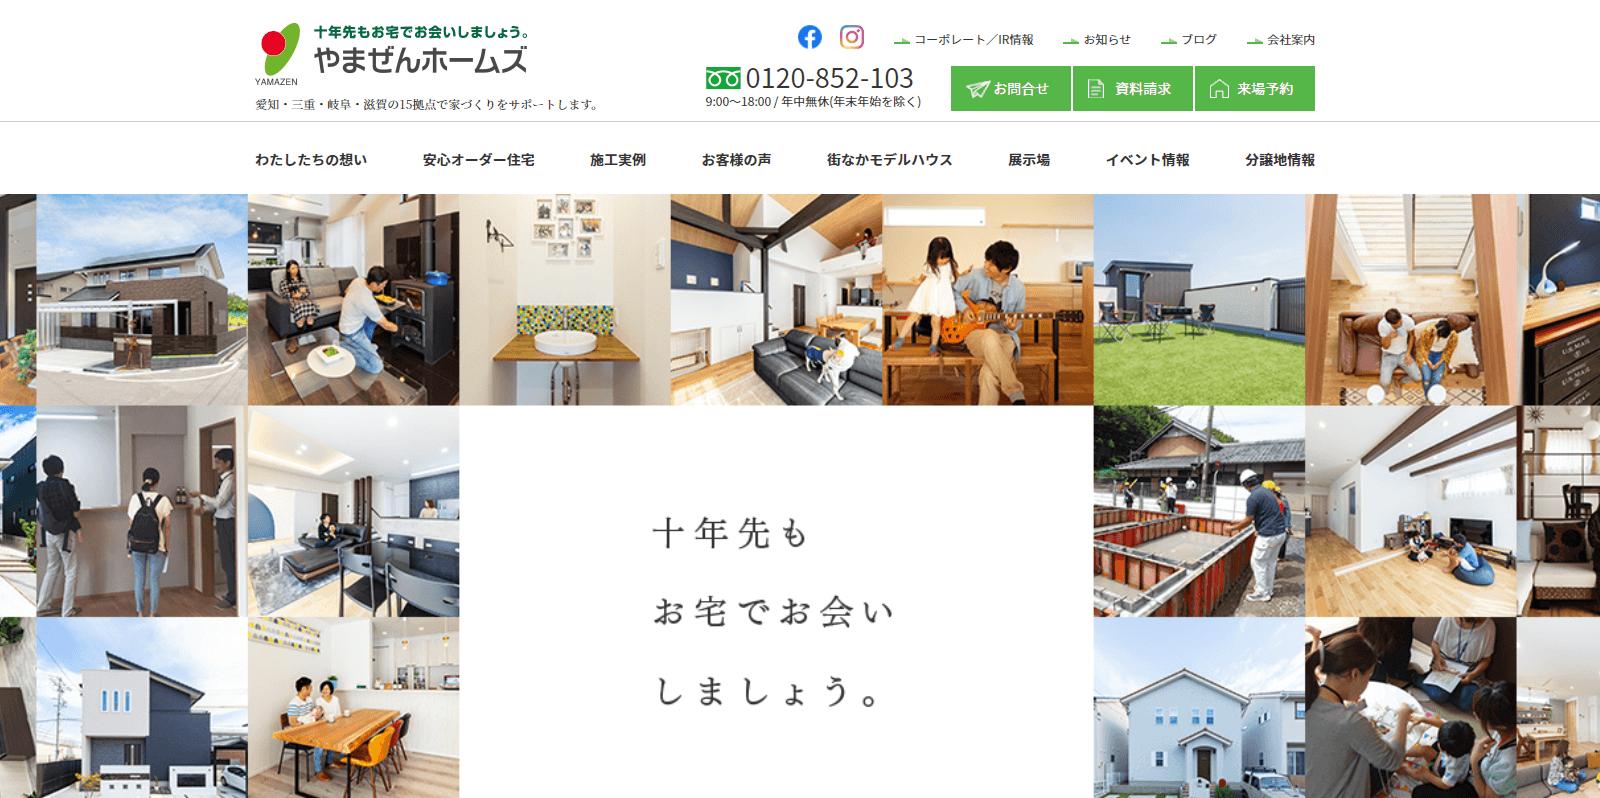 ワウハウス広島支店